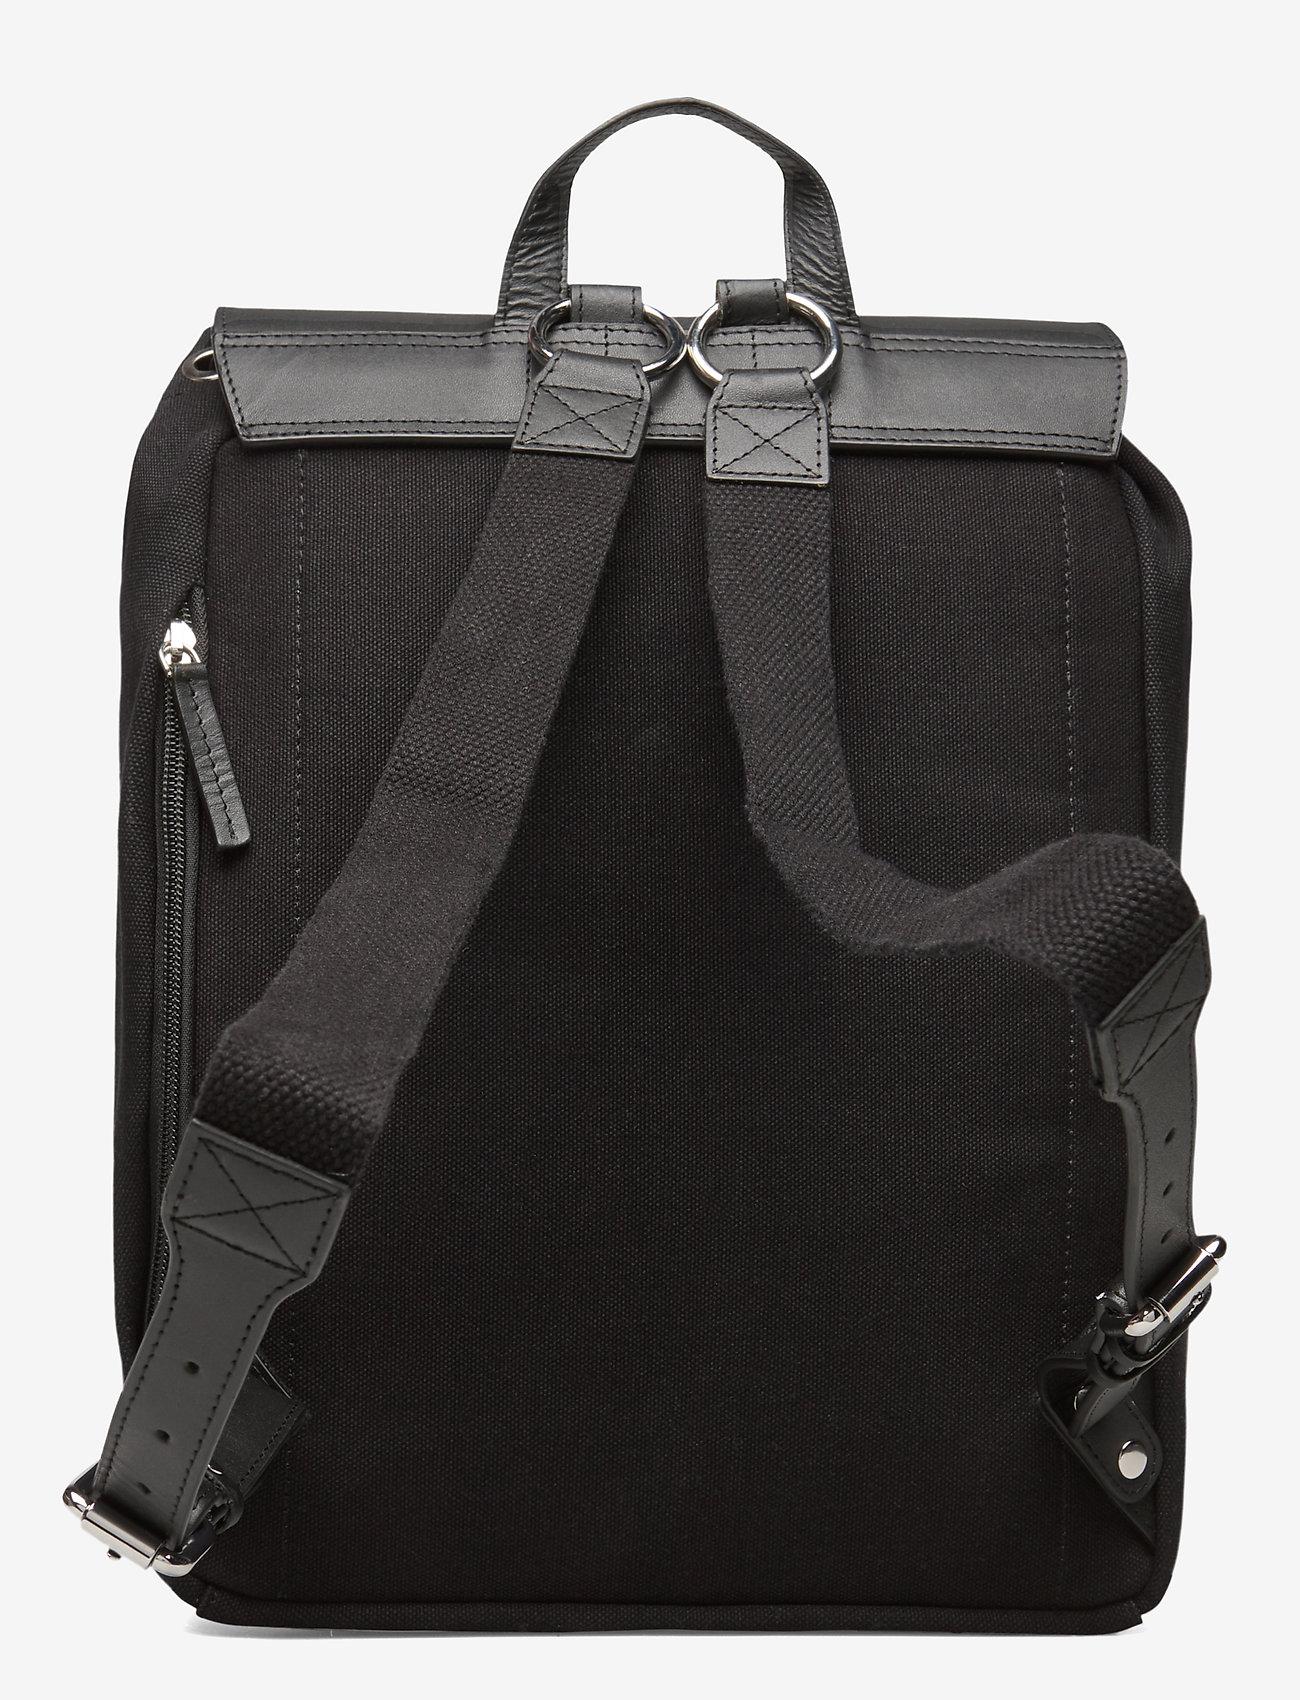 SANDQVIST - ALVA - nieuwe mode - black - 1